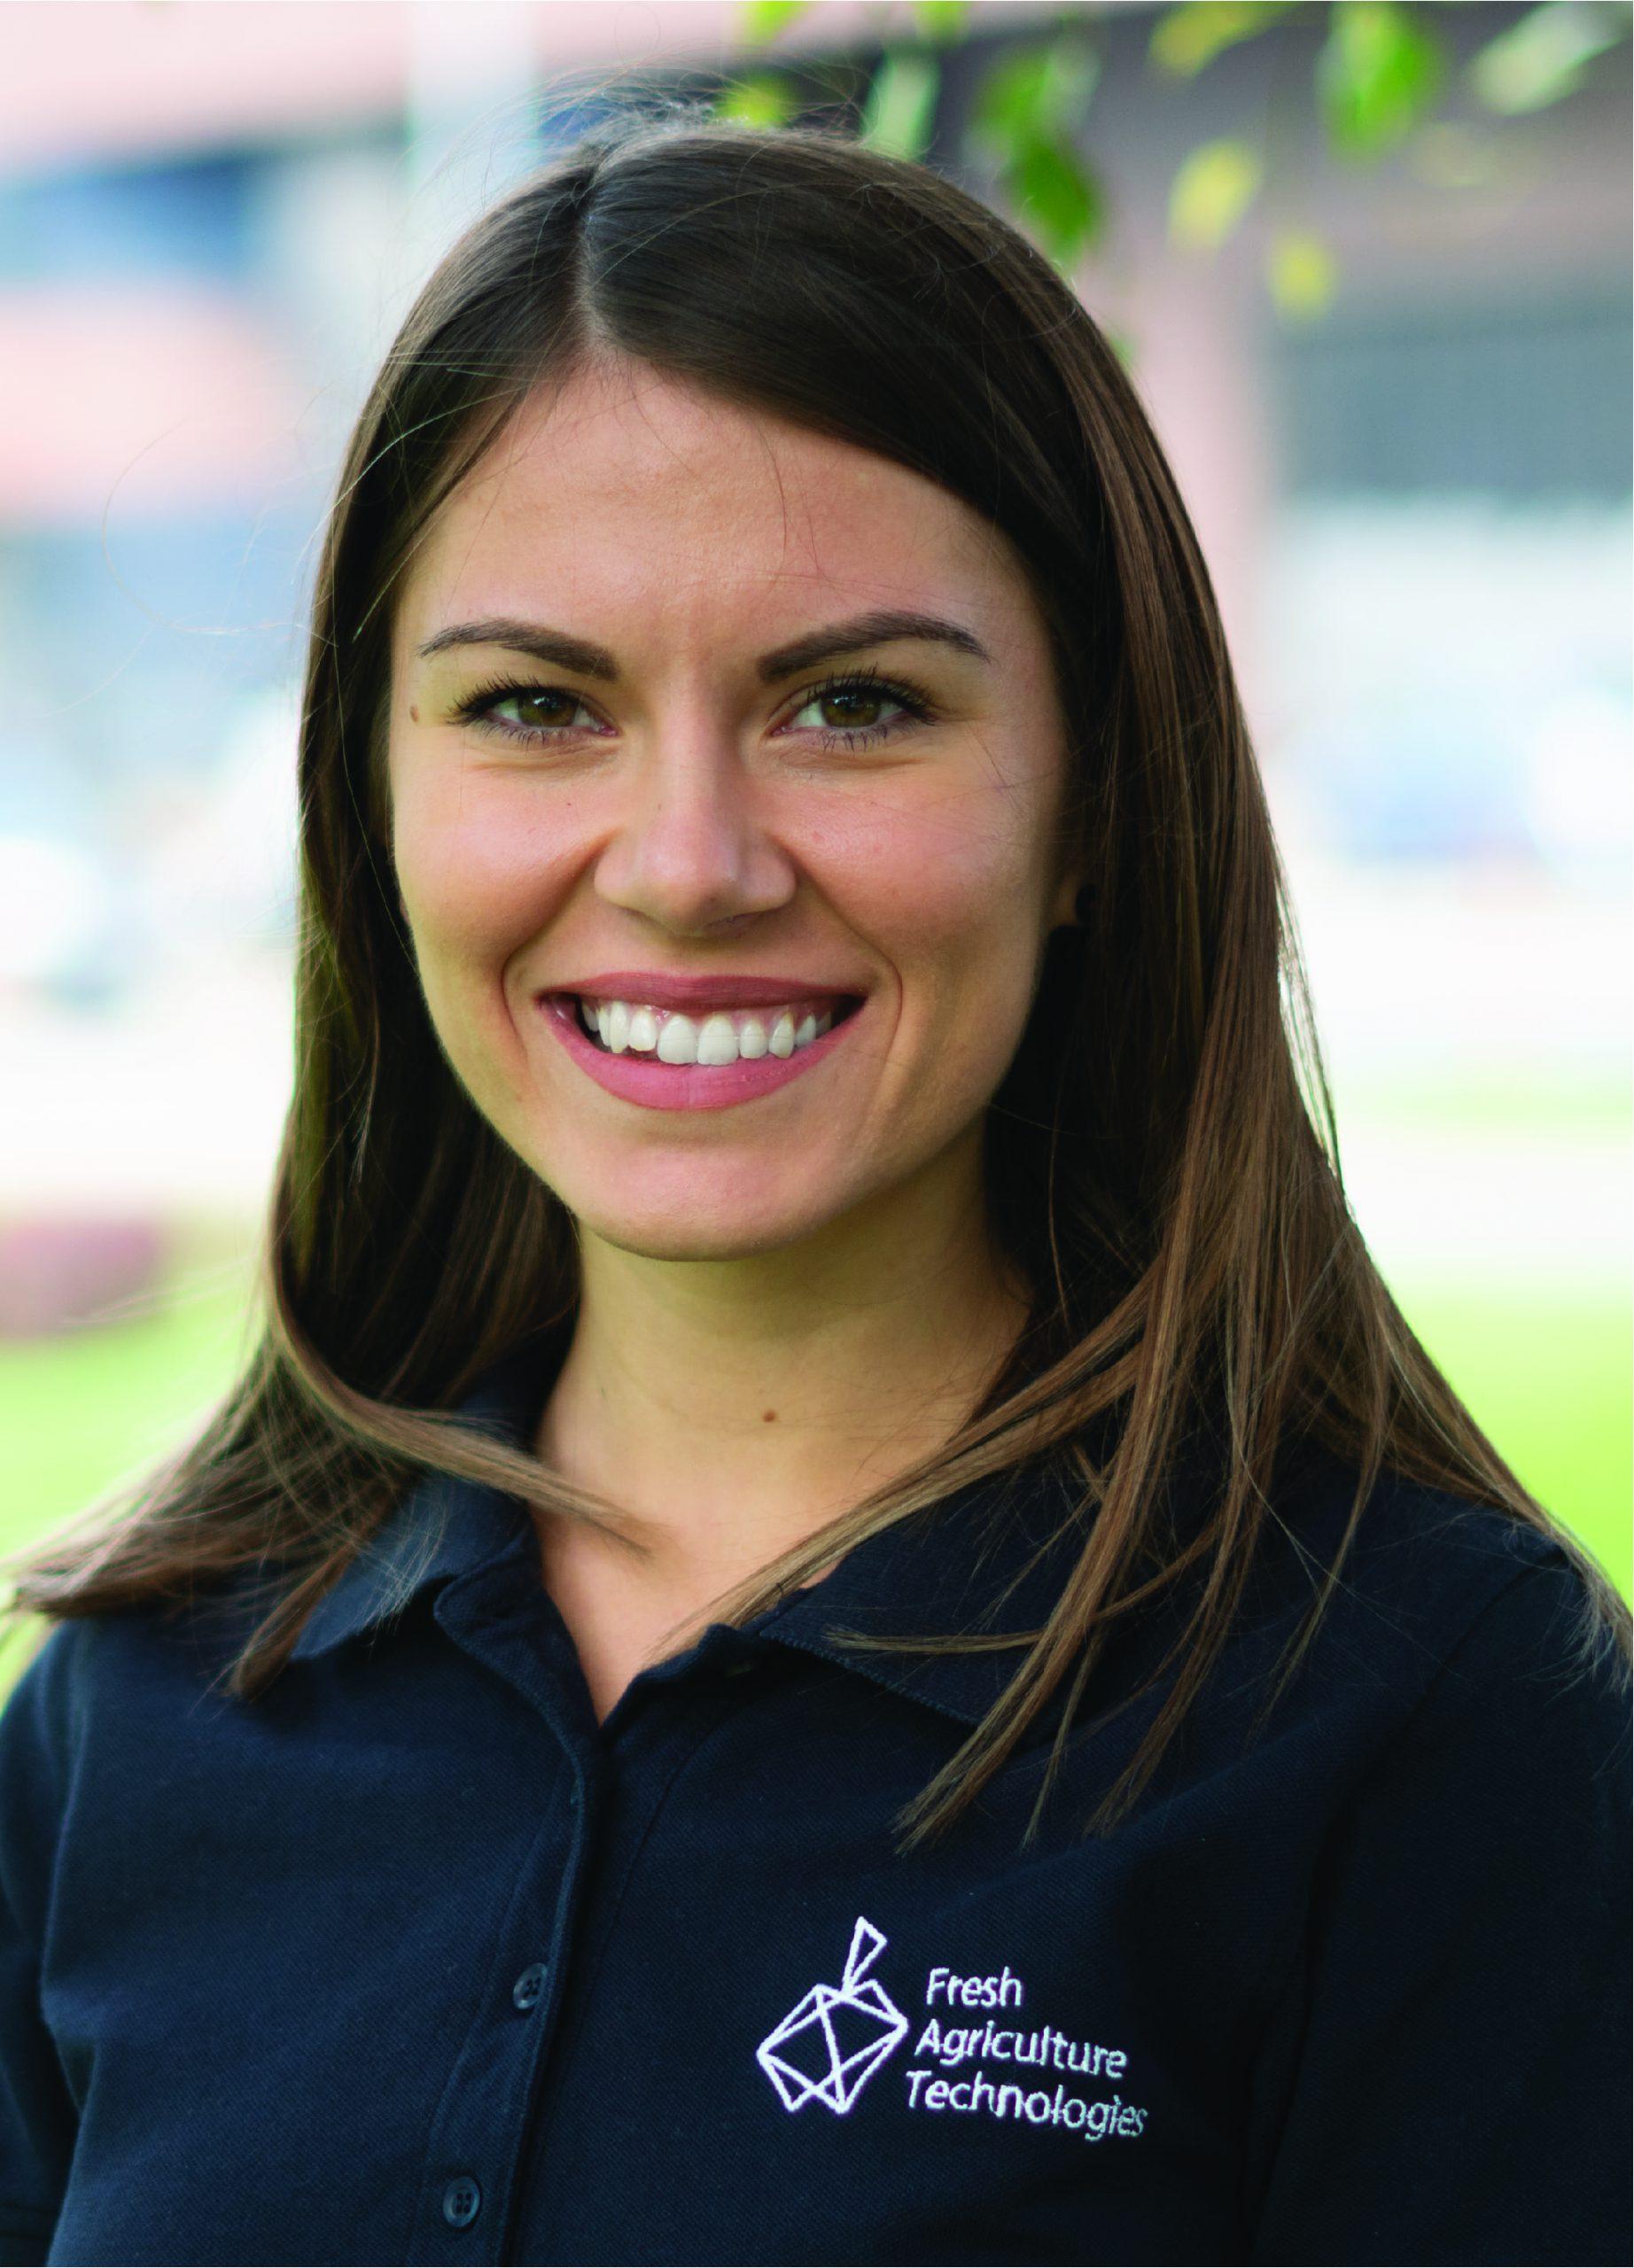 Jovana Djordjic, Marketing Director